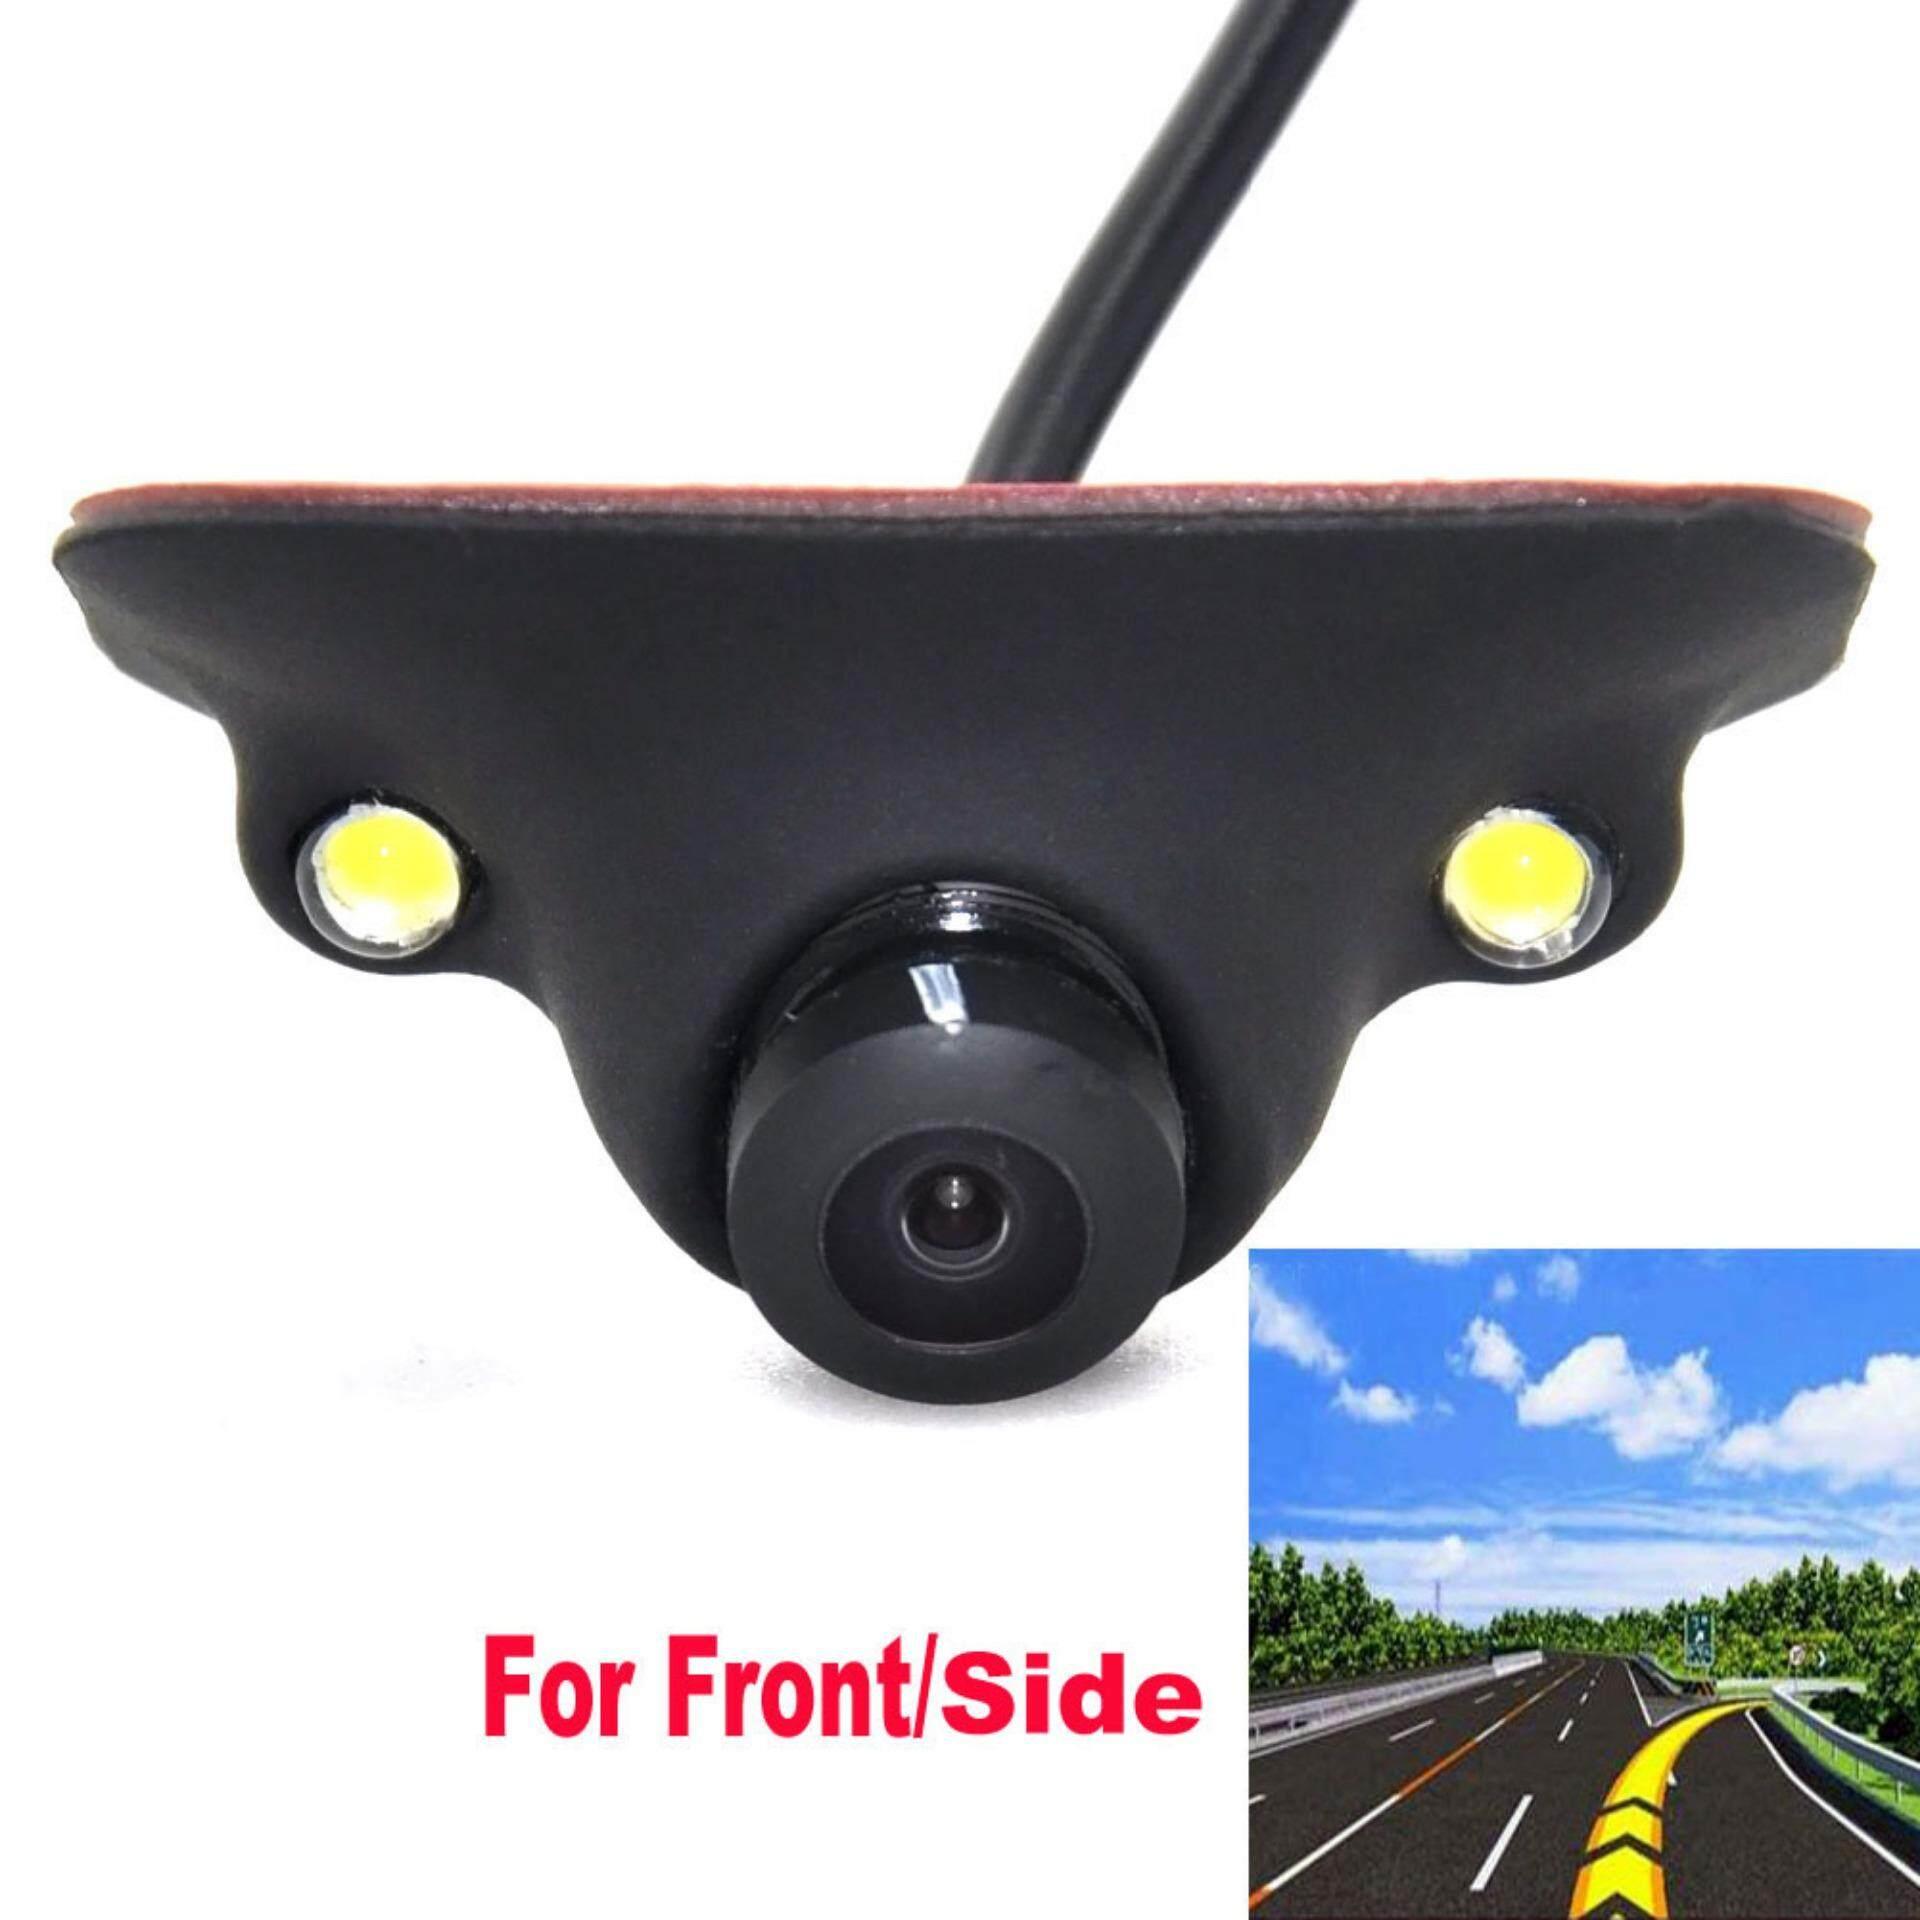 ที่จอดรถ Led กันน้ำ 360 องศาด้านหน้ามุมมองด้านหลังกลับการมองเห็นได้ในเวลากลางคืน Universal Ccd Hd ด้านข้างกล้องสำหรับรถยนต์.